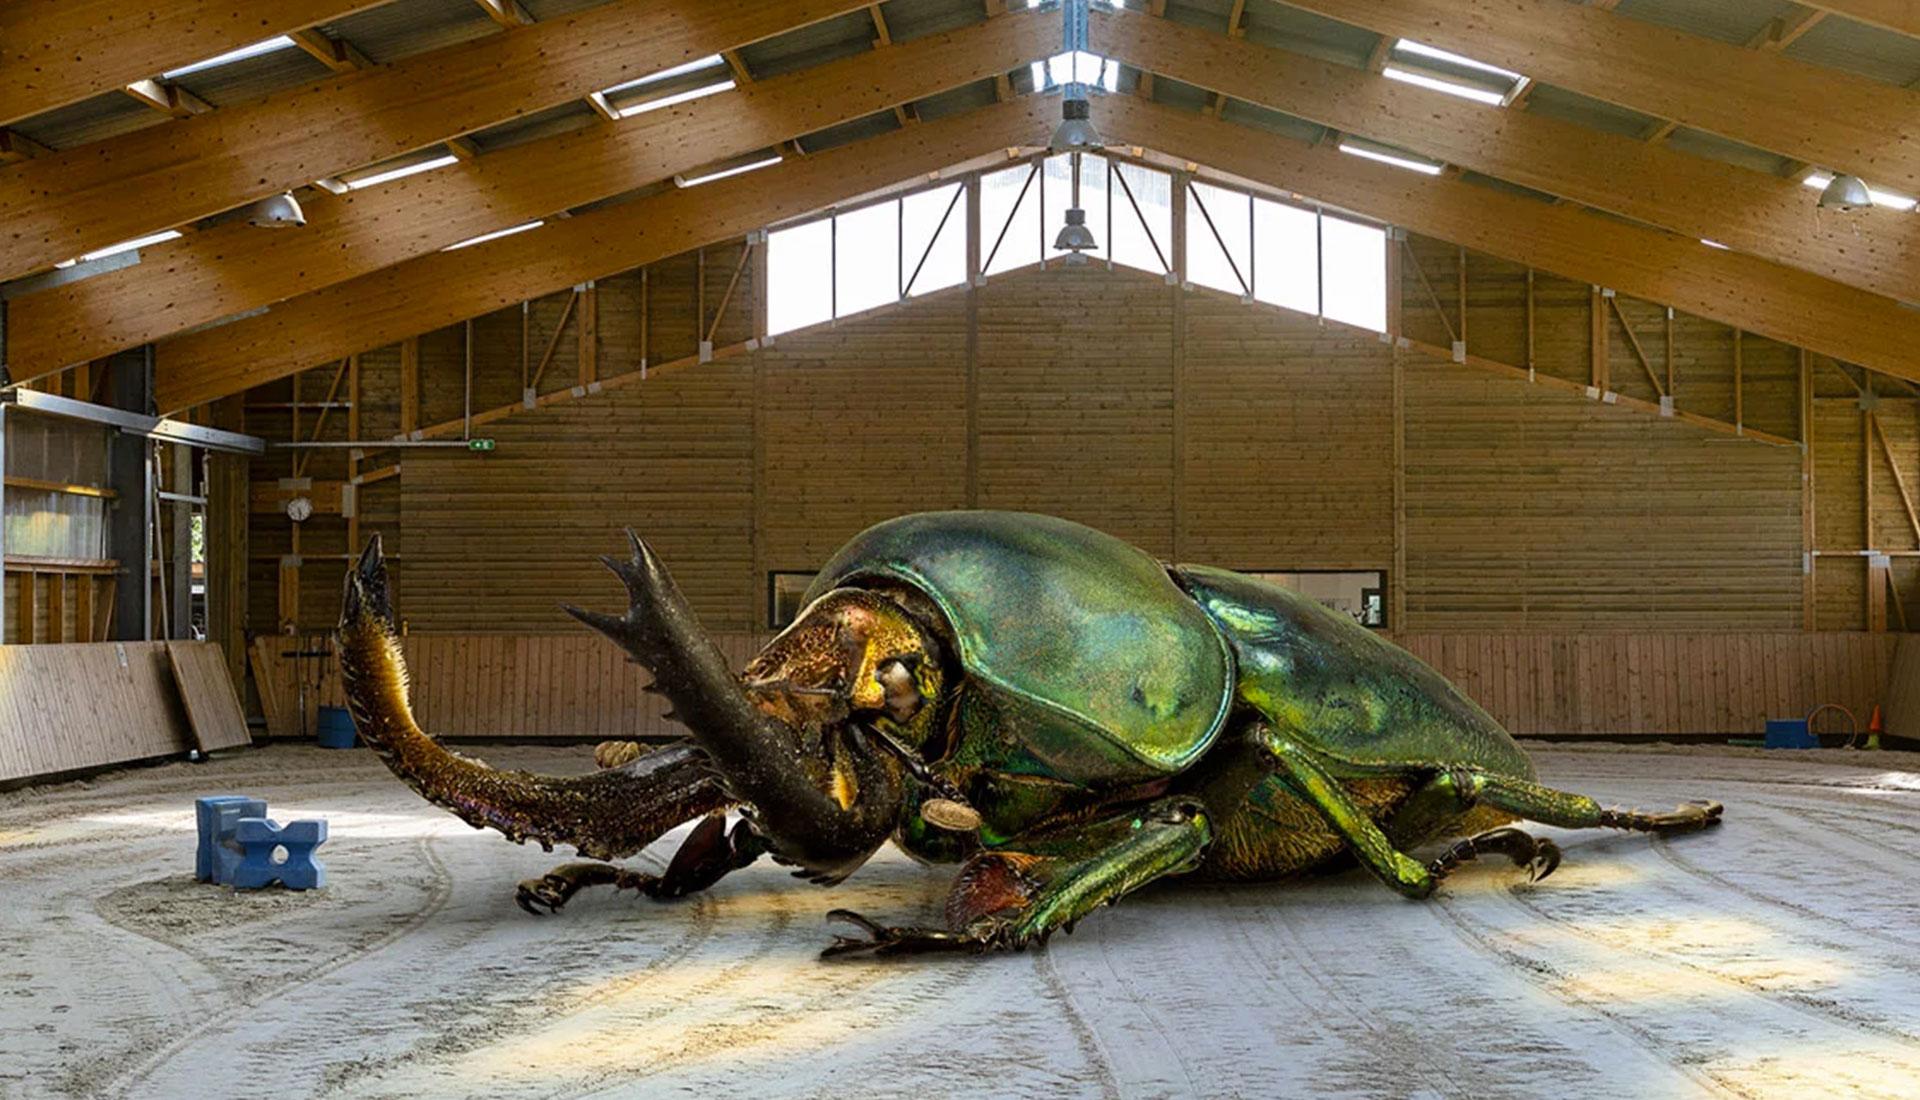 Рено Марион и фотографии невероятных насекомых